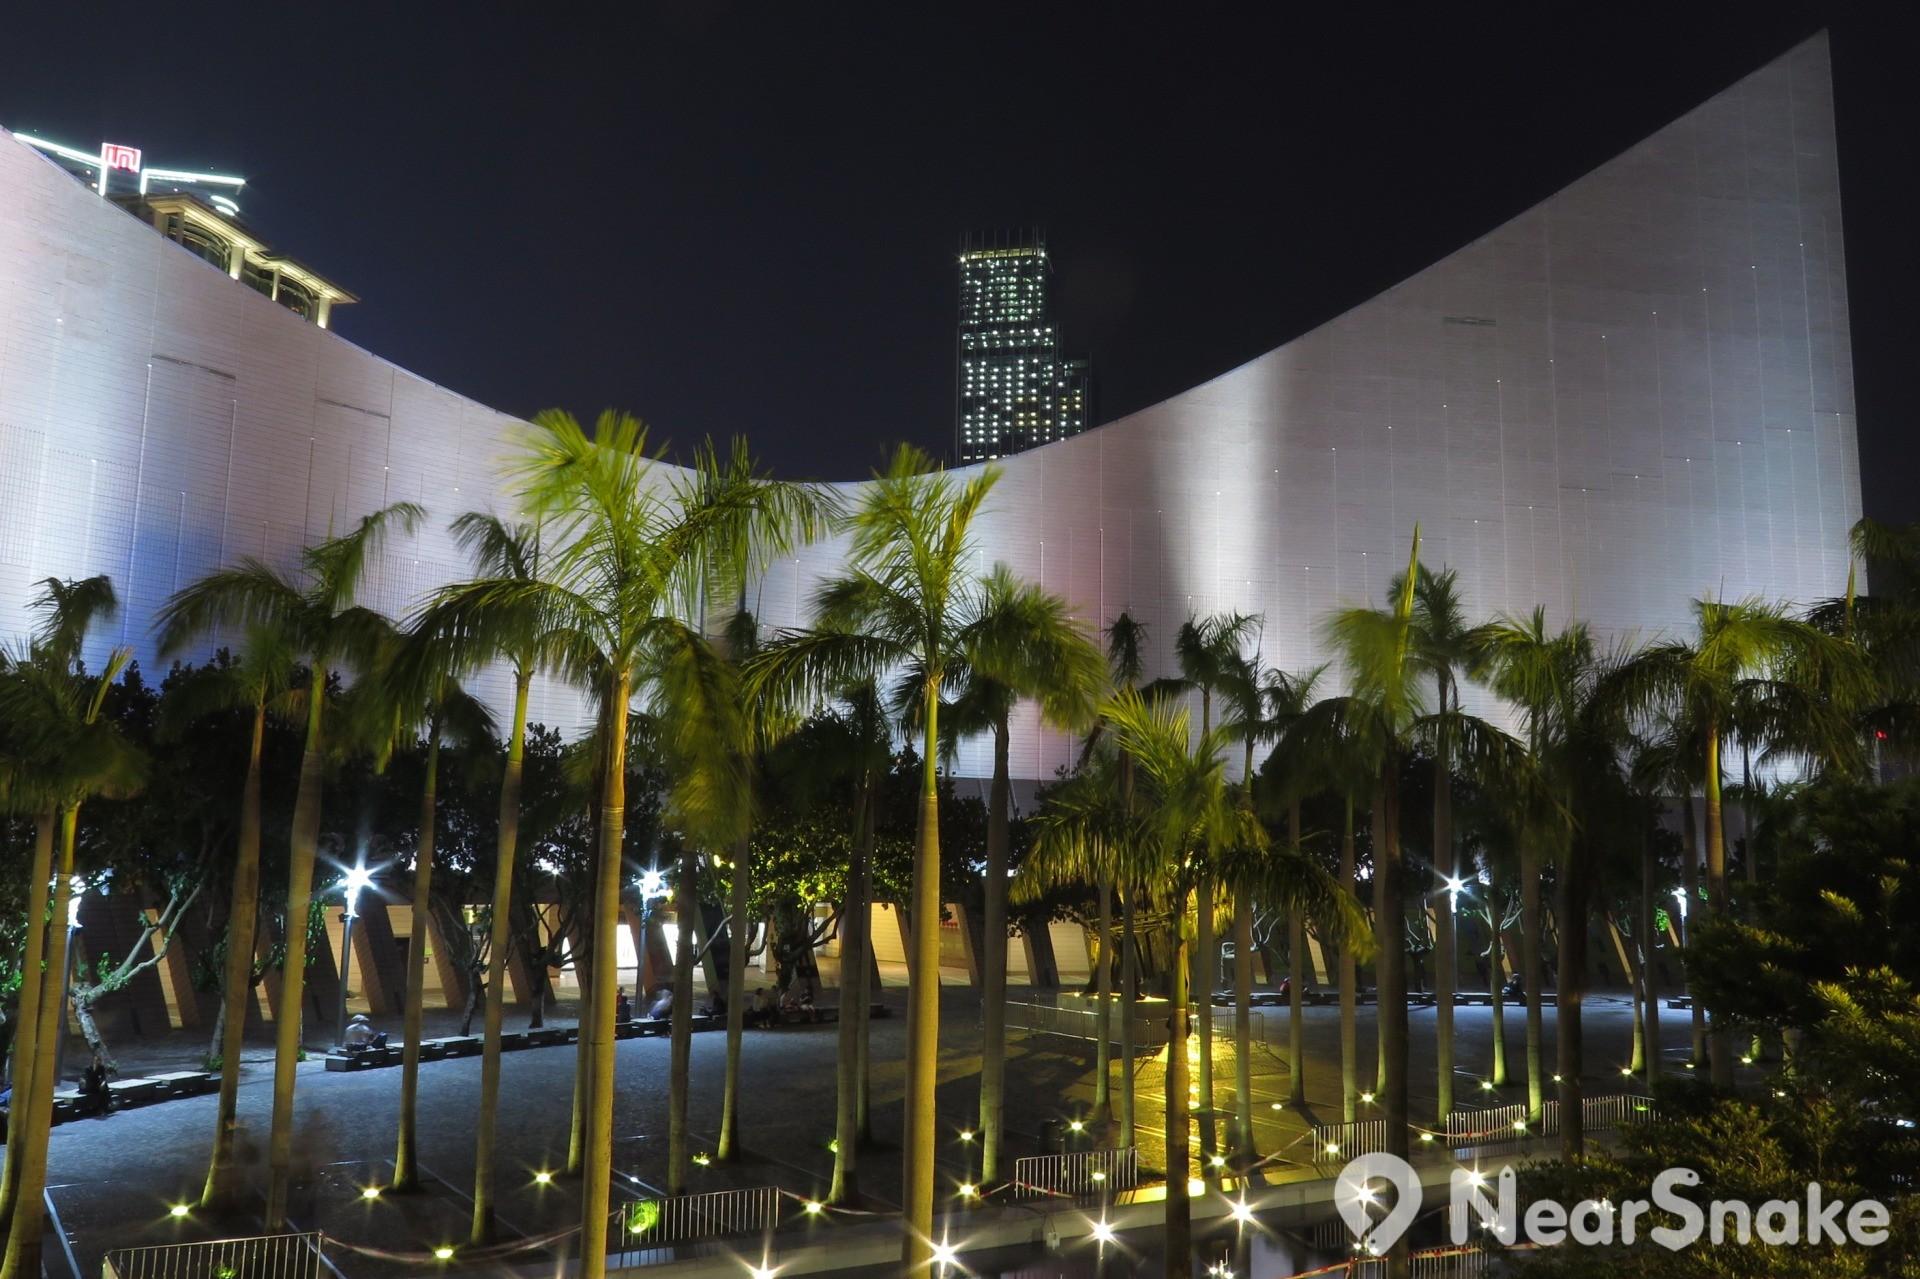 如要一睹文化中心最美景色,建議晚上來訪,於海濱長廊上近距離欣賞,夜景最是難忘醉人。